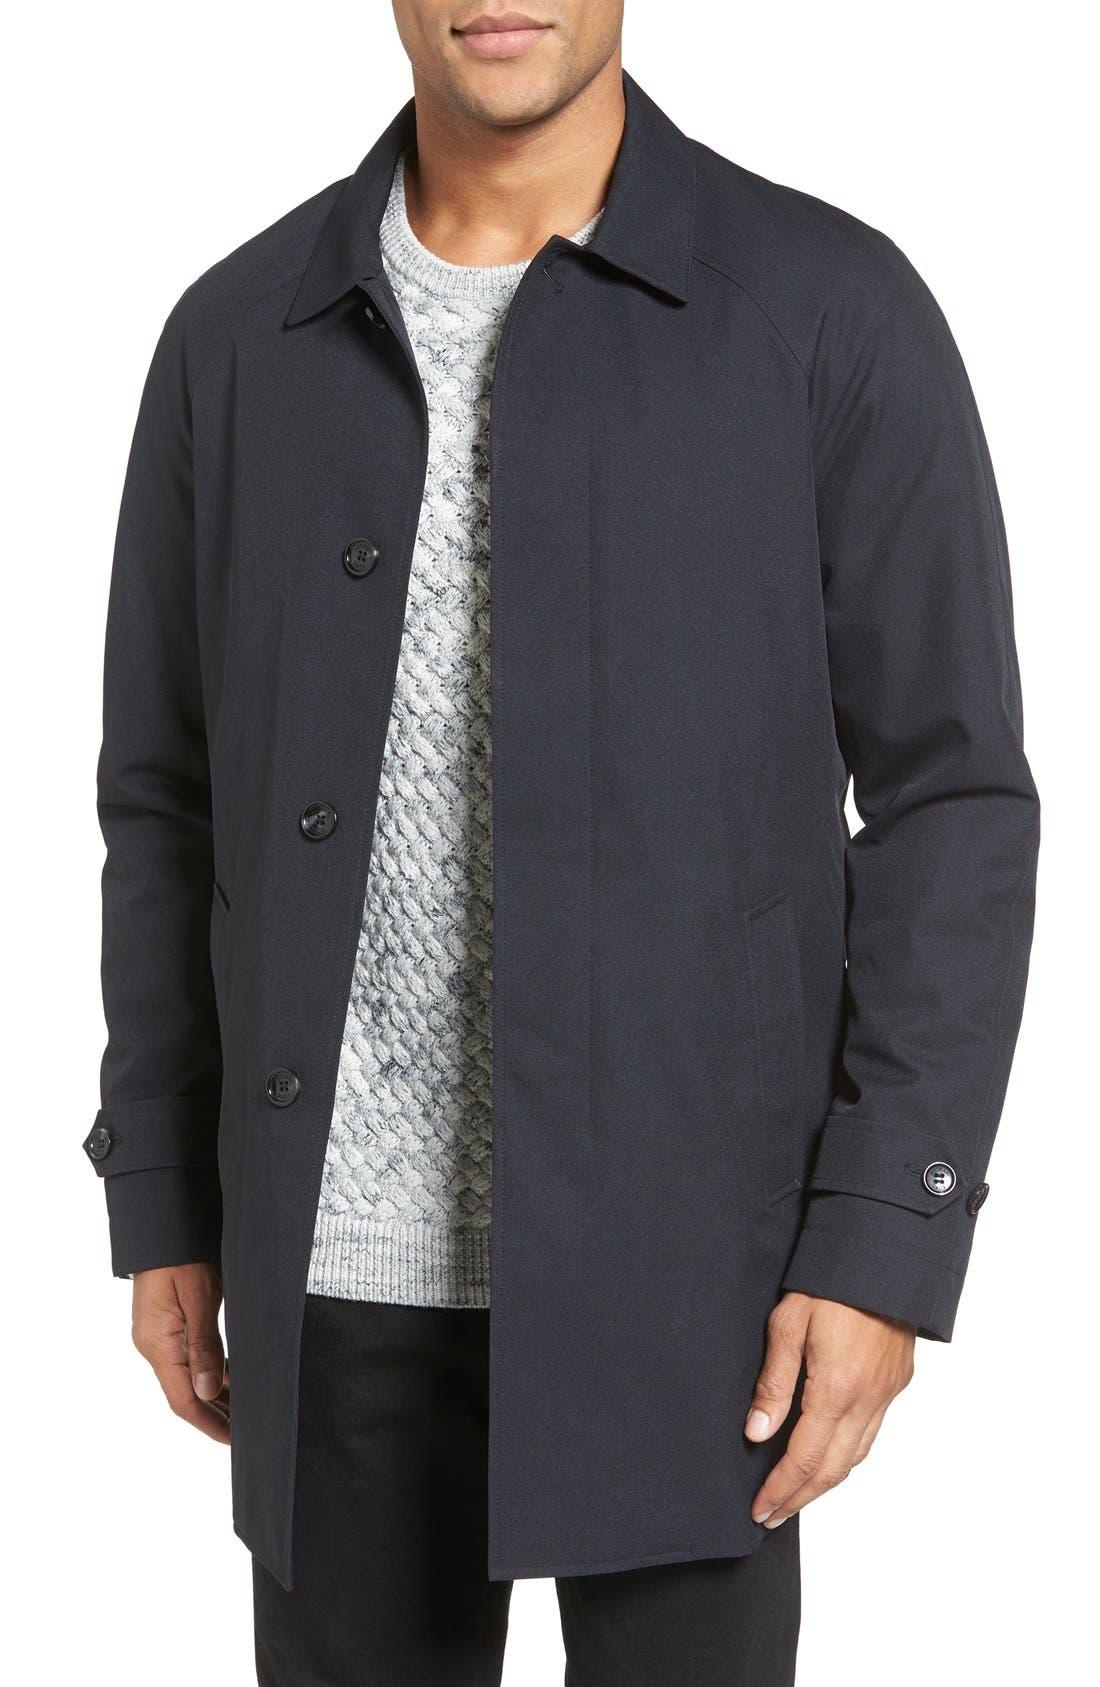 Alternate Image 1 Selected - Michael Kors Waterproof Jacket